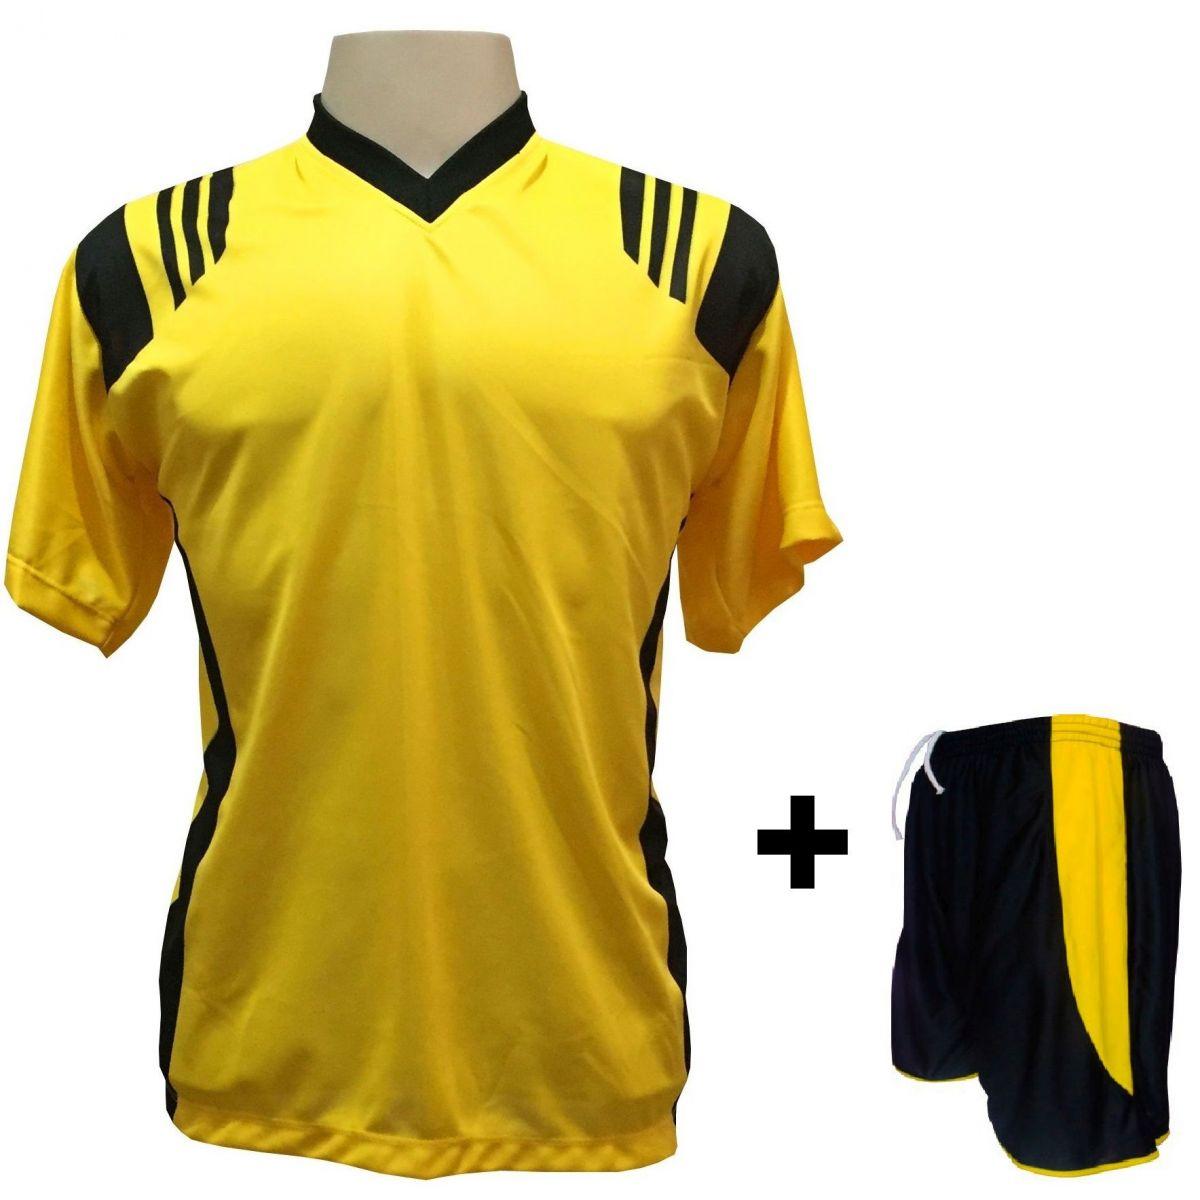 Uniforme Esportivo com 18 Camisas modelo Roma Amarelo/Preto + 18 Calções modelo Copa Preto/Amarelo